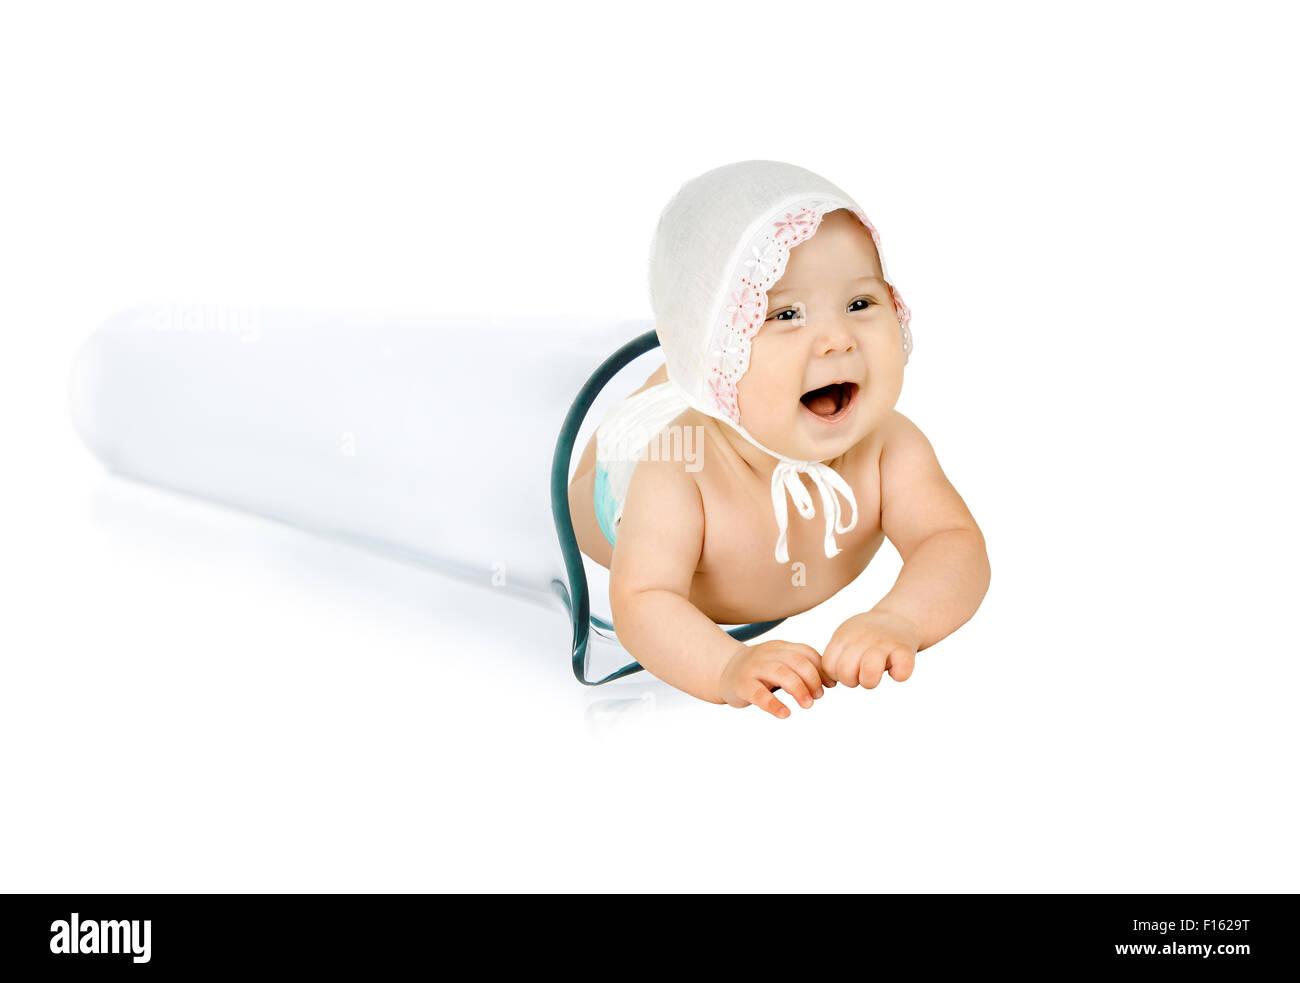 Felice provetta bambino su sfondo bianco, isolata, la foto in orizzontale Immagini Stock